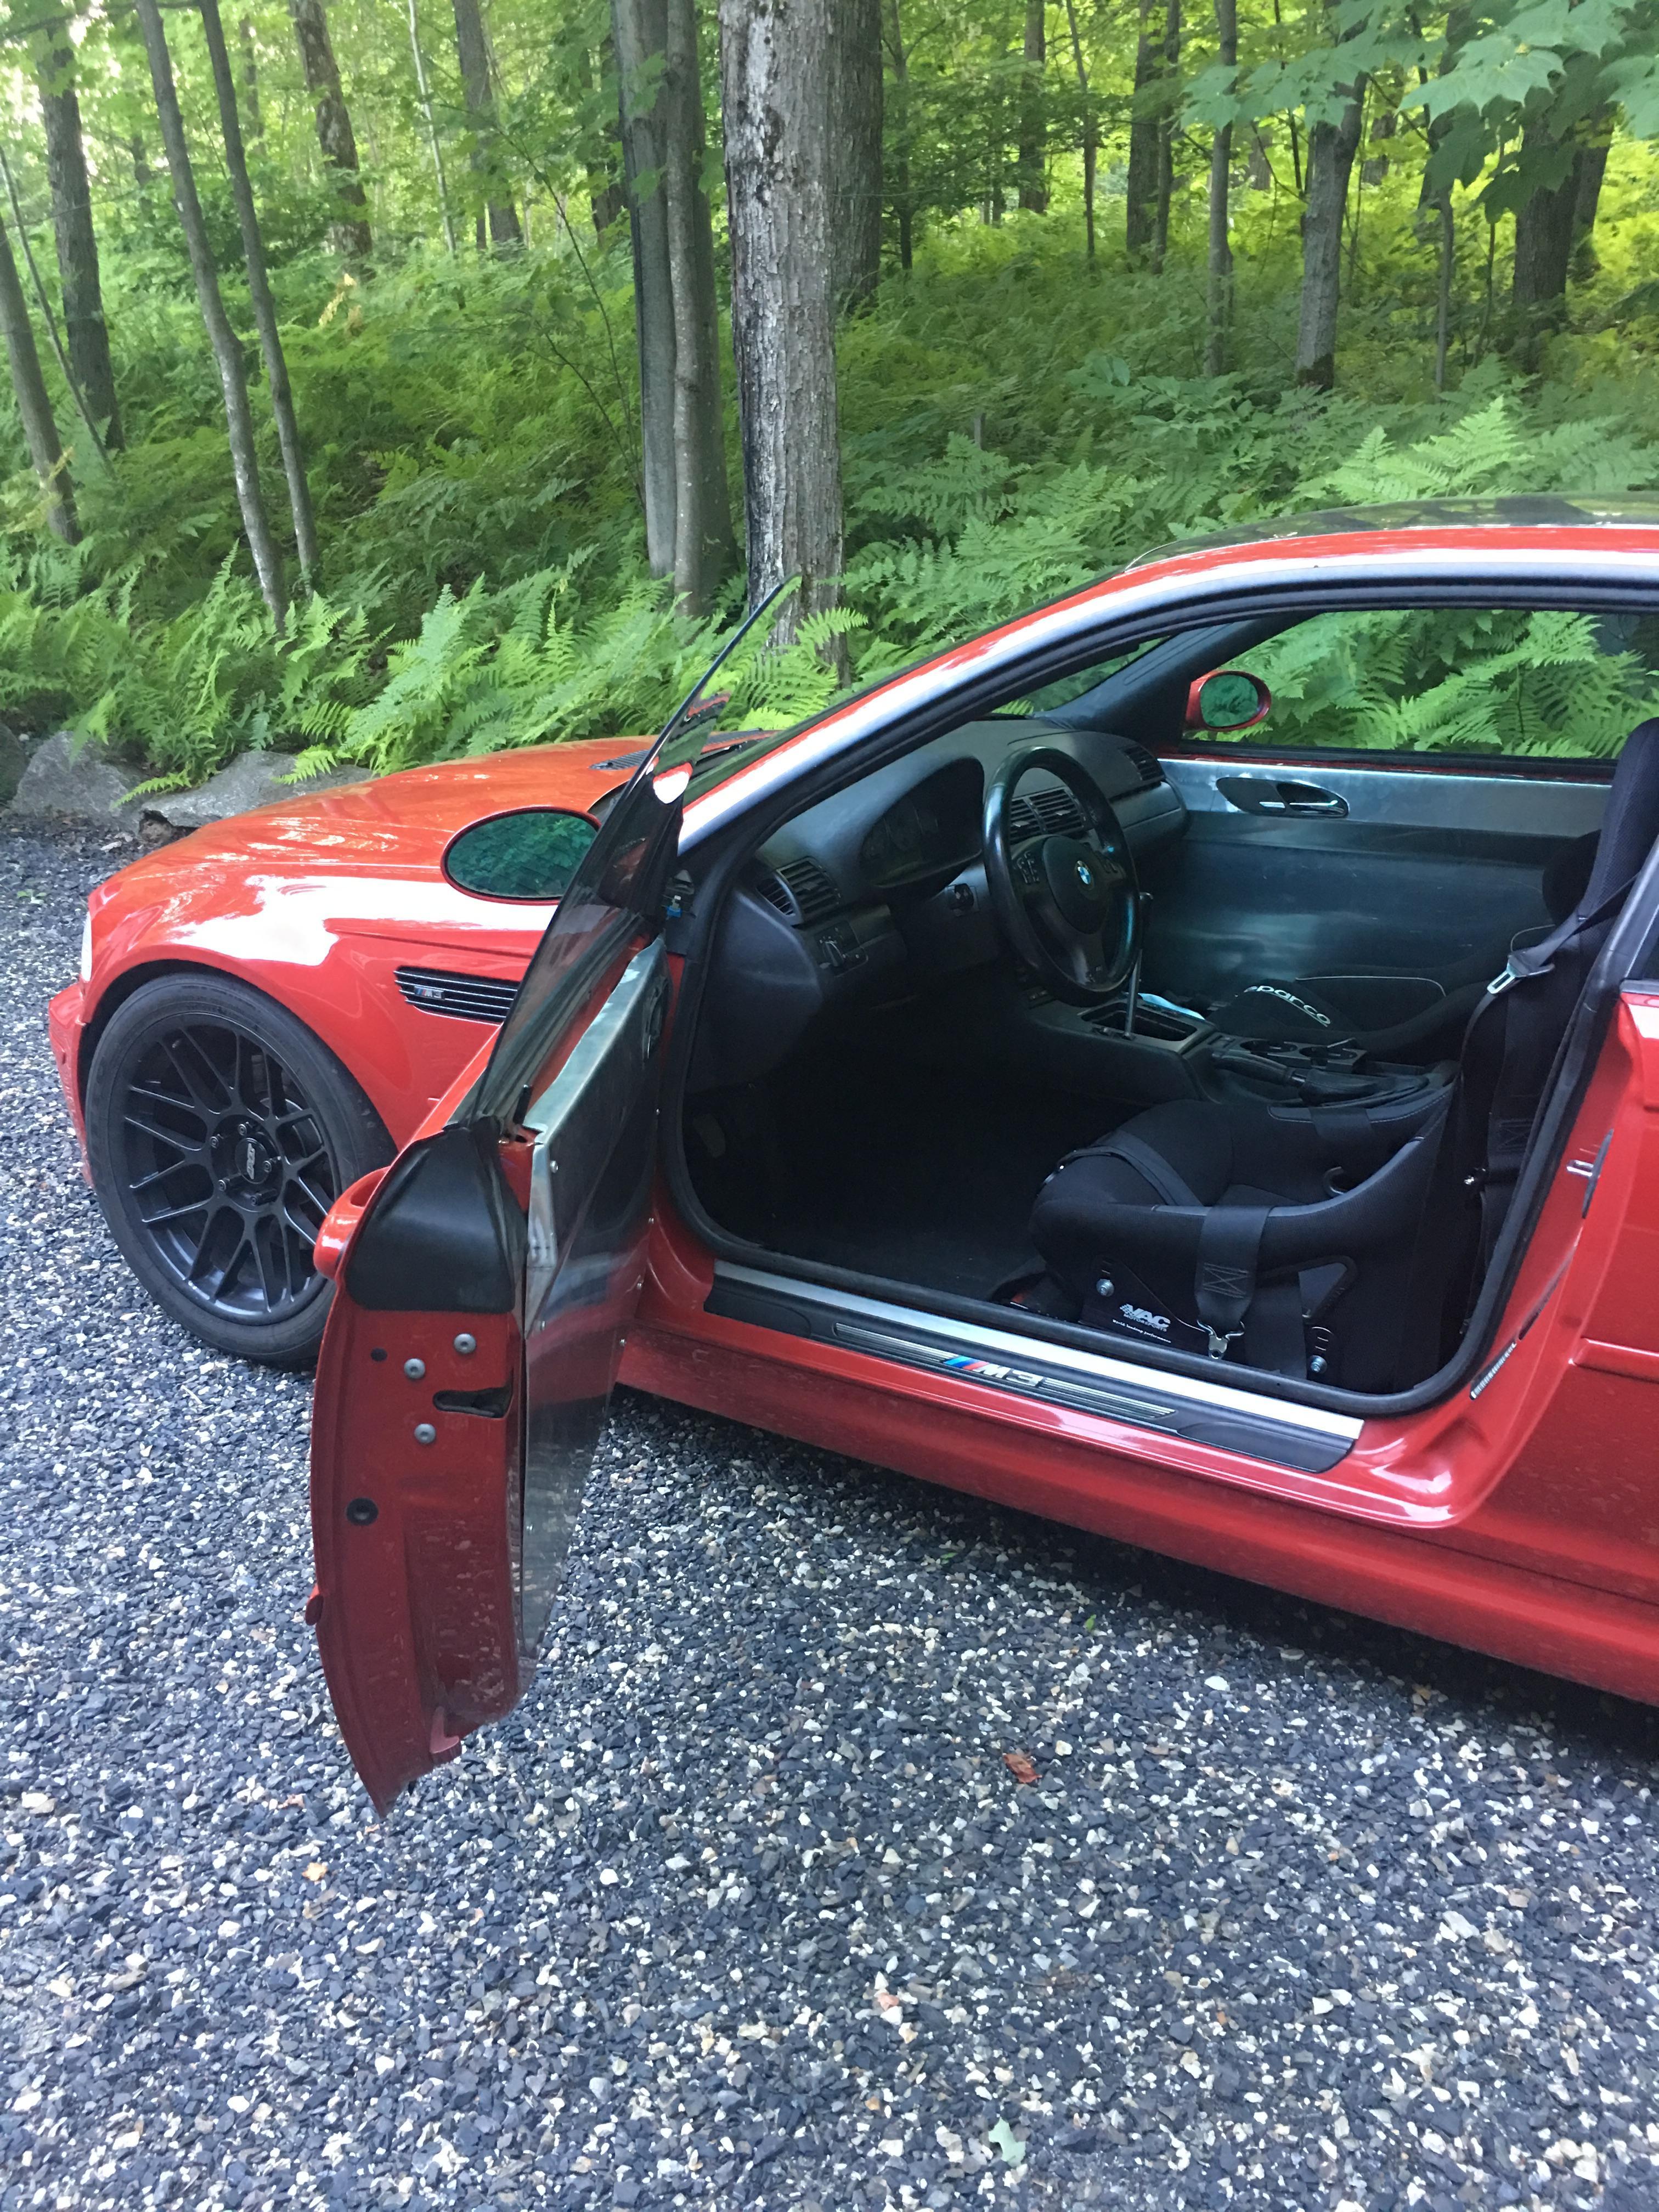 BMW E46 M3 For Sale - $25000